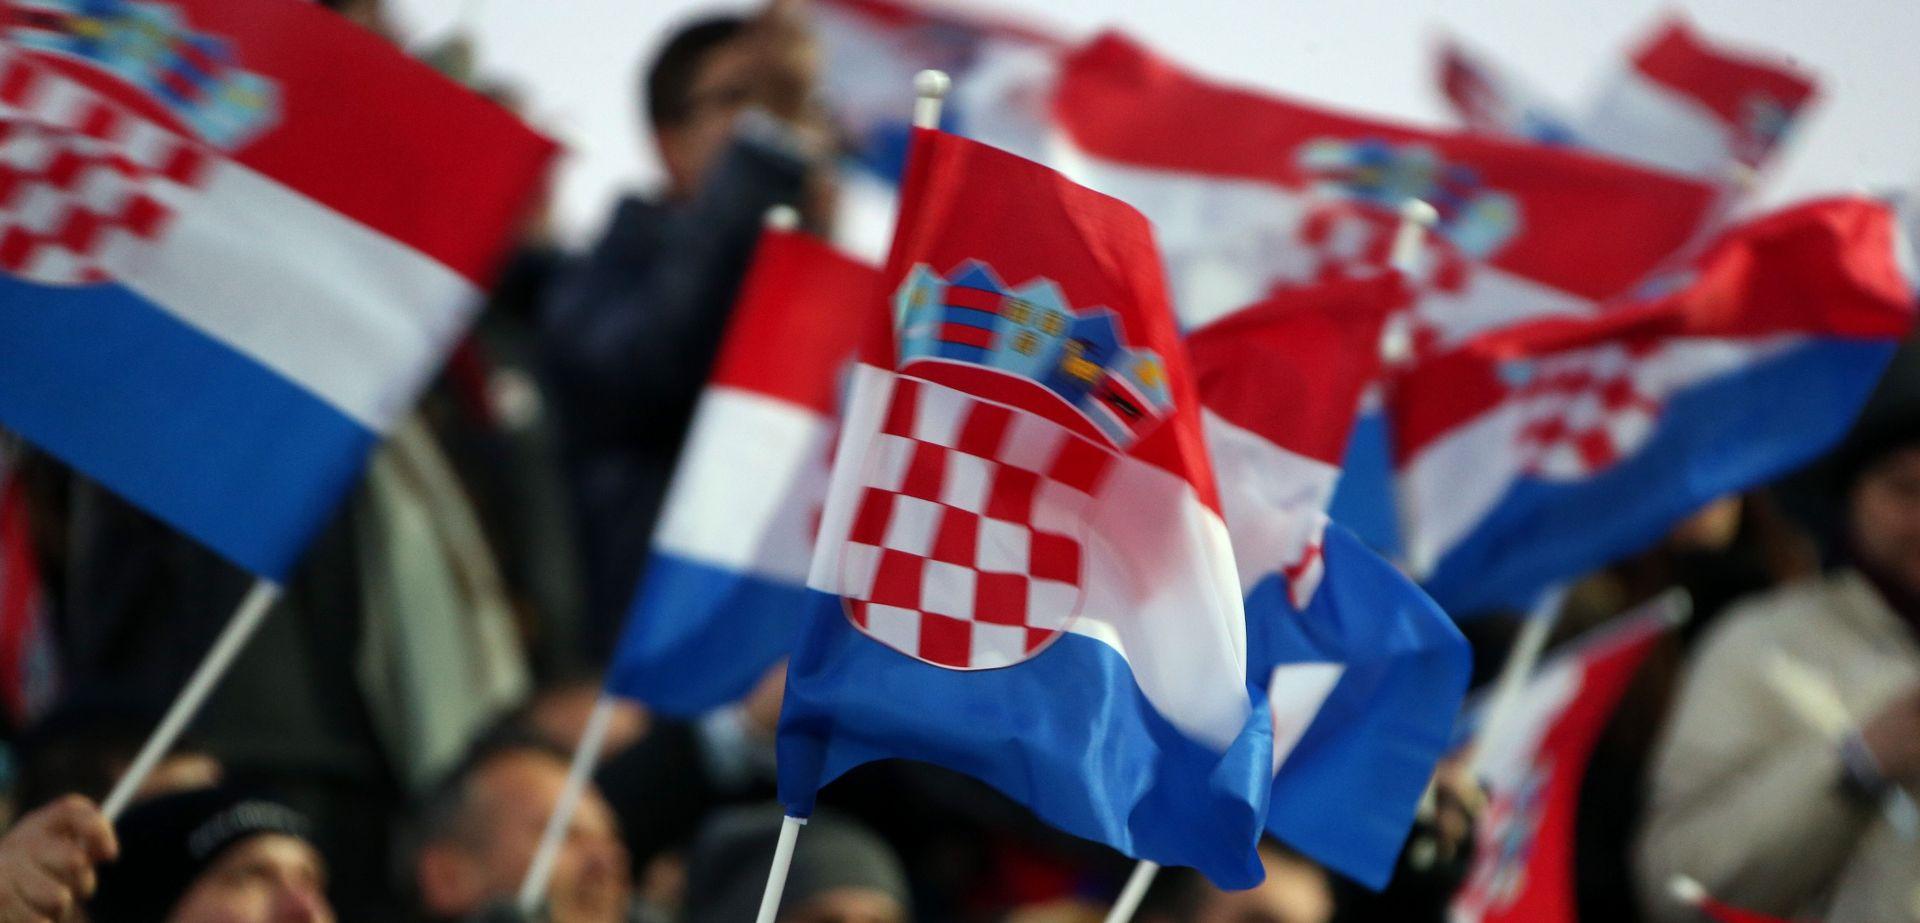 Hrvatska obilježava obljetnicu međunarodnog priznanja – četvrt stoljeća neovisnosti